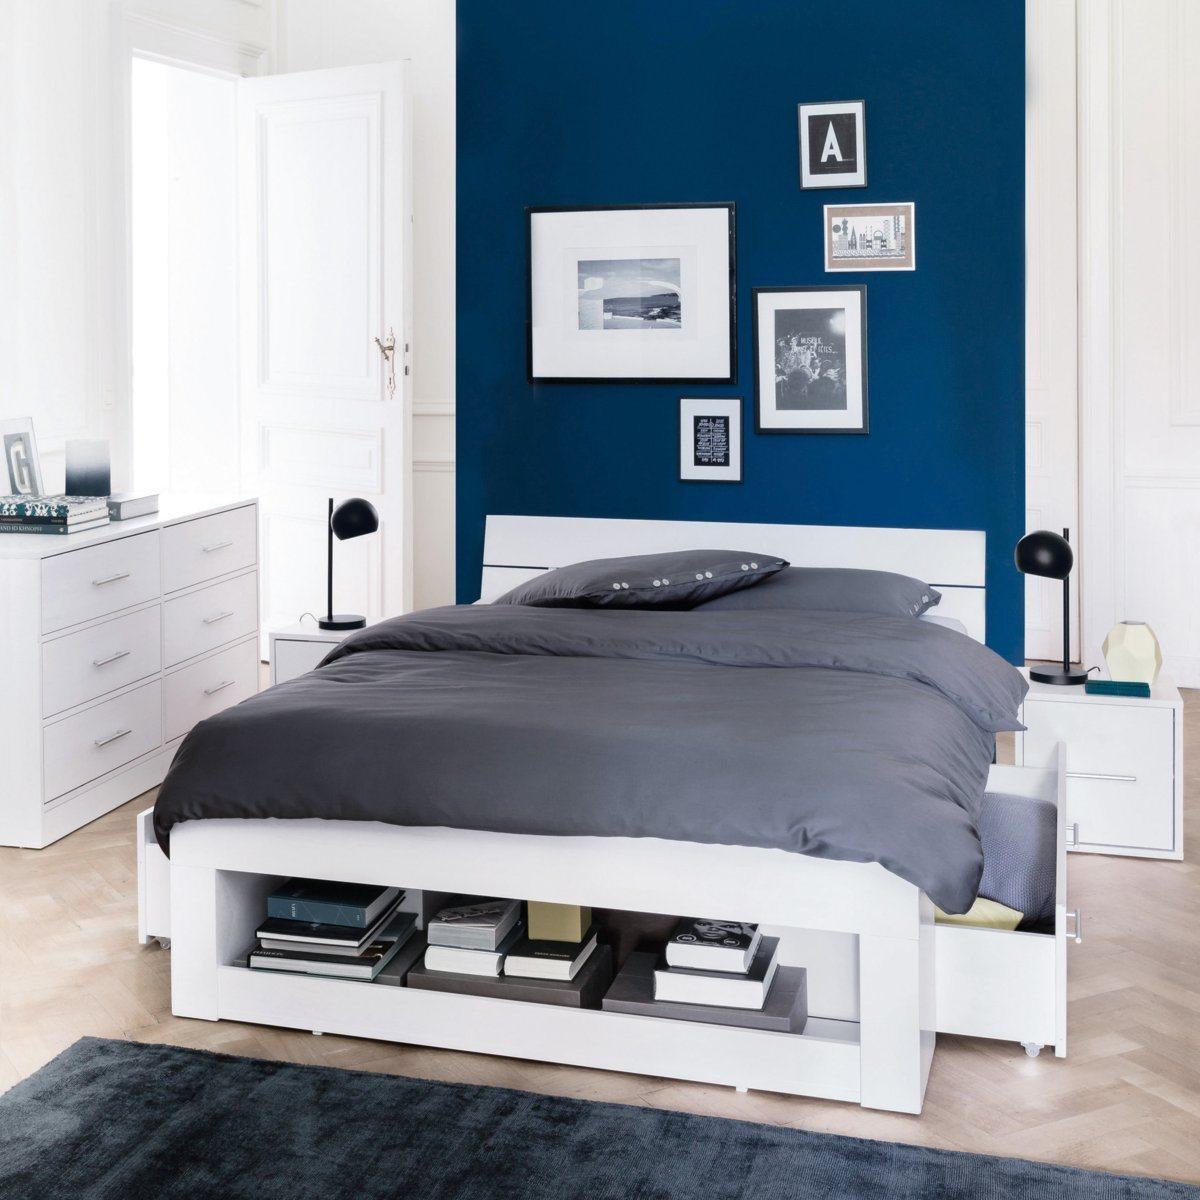 Refaire sa chambre en bleu dar d co d coration - Couleur dans une chambre ...